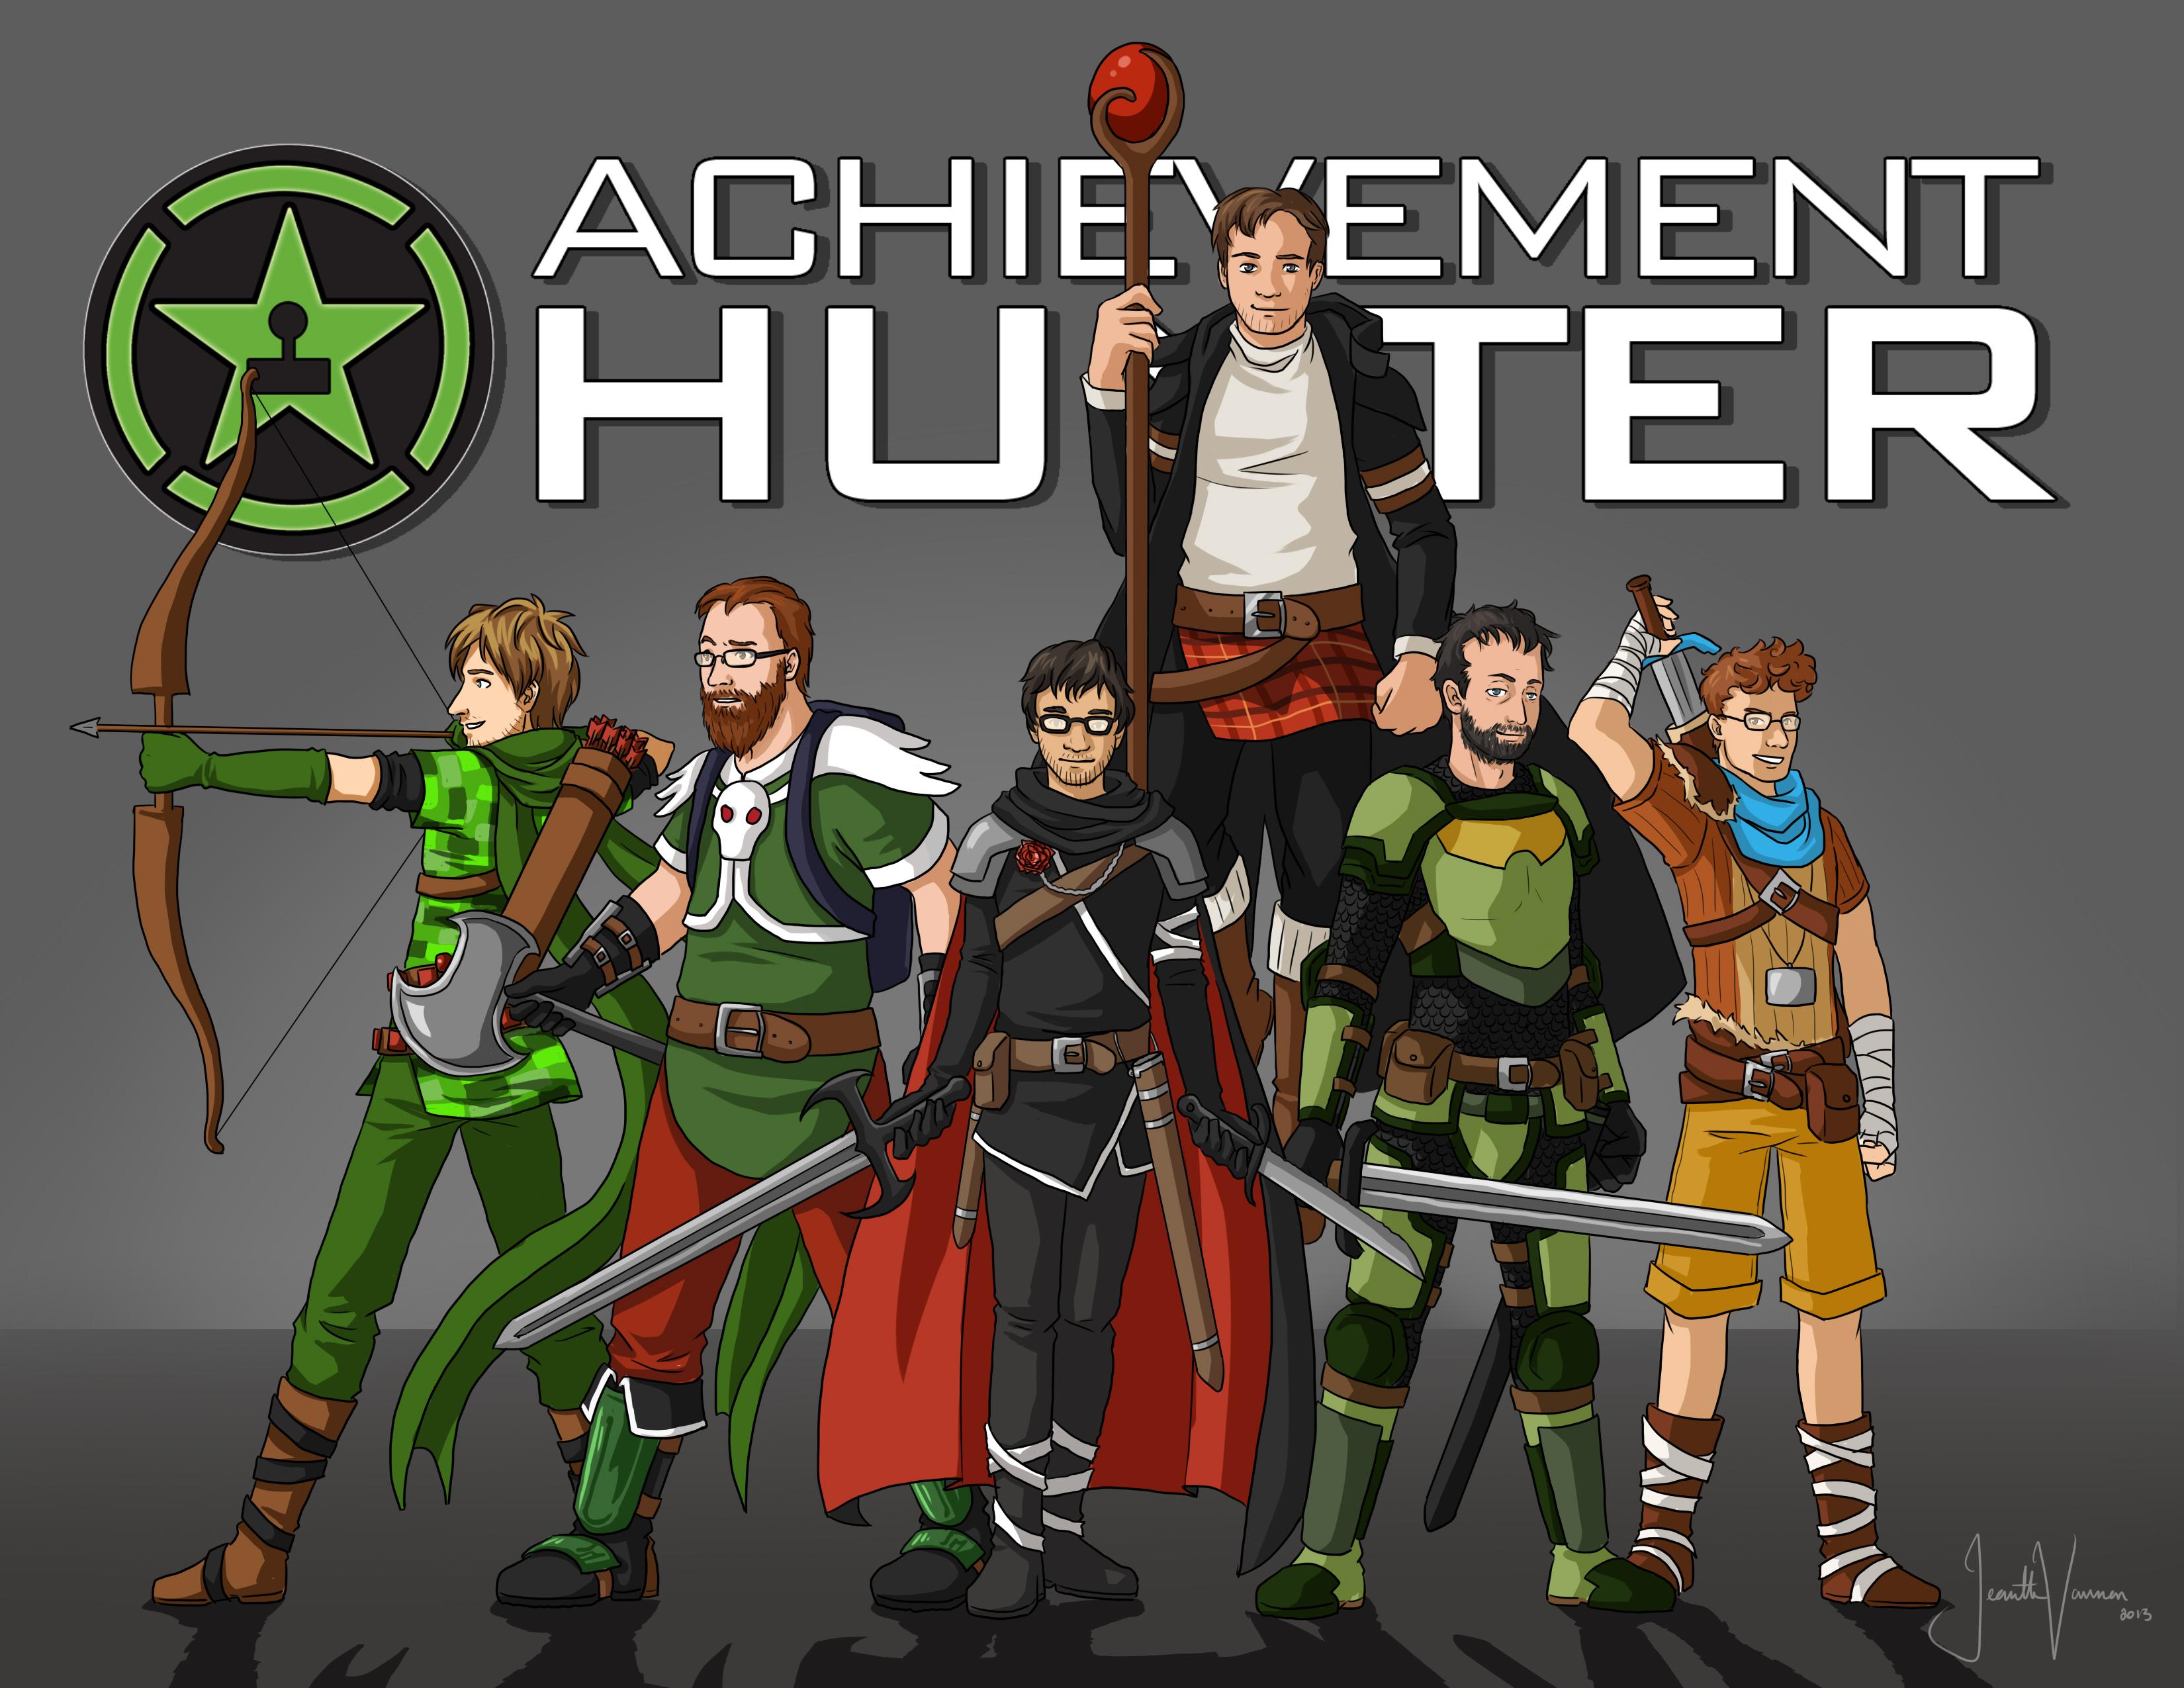 Achievement Hunter Wallpaper - Achievement Hunter Minecraft Characters , HD Wallpaper & Backgrounds